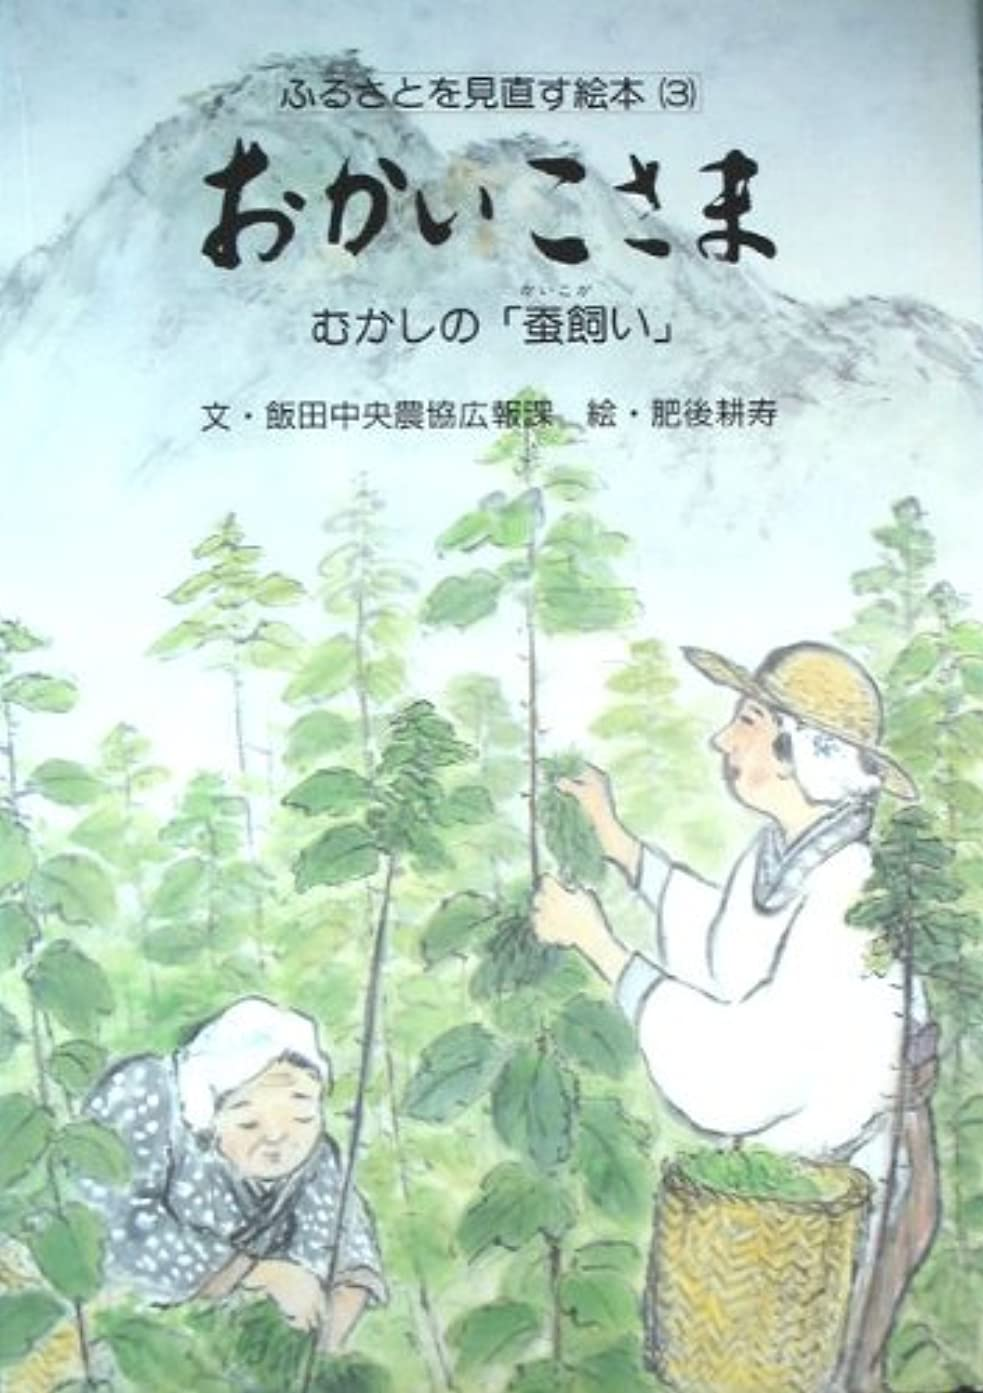 科学者排除スカルク日本近代蚕糸業の展開